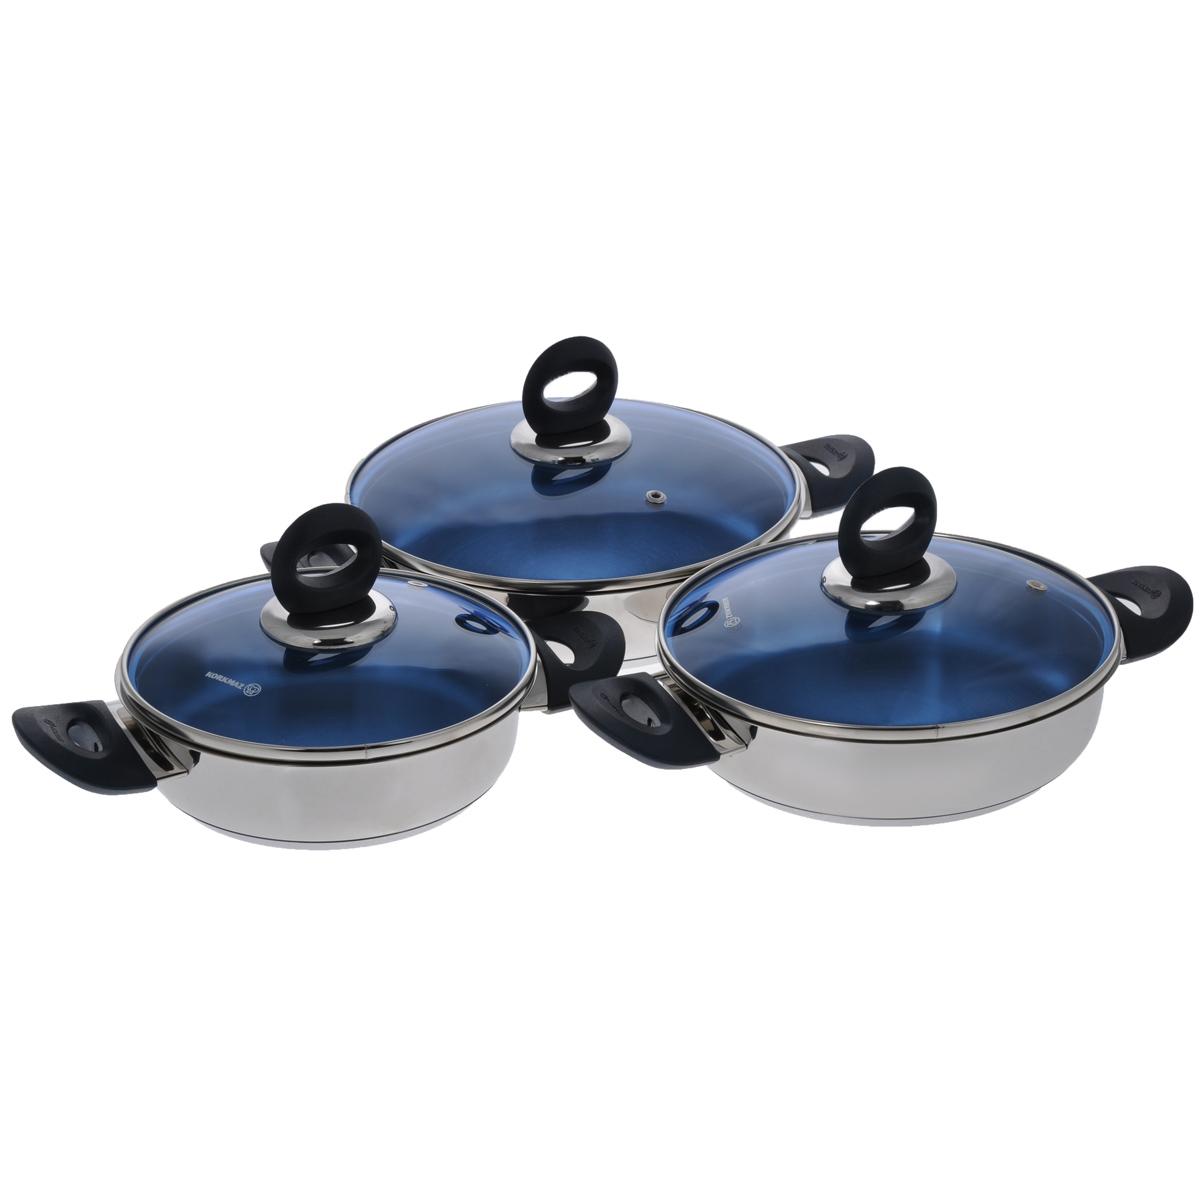 Набор сковород-омлетниц Korkmaz Mavis, 6 предметовA1670Набор Korkmaz Mavis включает 3 сковороды-омлетницы с крышками. Изделия выполнены из высокопрочной Cr-Ni нержавеющей стали марки 18/10 с внешней зеркальной полировкой. Инкапсулированное толстое дно обеспечивает наилучшее распределение и сохранение тепла. Поверхность посуды гигиенична, устойчива к появлению царапин, легко чистится. Отполированные до блеска поверхности длительное время сохраняют яркость. Посуда оснащена эргономичными ручками из бакелита. Крышки выполнены из удароустойчивого жаропрочного стекла голубого цвета, с пароотводом и металлическим ободом. Они плотно прилегают к краю посуды, сохраняют аромат блюд и позволяют готовить без потери тепла. Специальная форма посуды идеальна для приготовления омлета. Особая эстетическая округлая форма, яркий современный дизайн, сочные цвета - благодаря всему этому посуда выглядит стильно и оригинально. Посуду можно использовать на всех типах плит, включая индукционные. Подходит для чистки в...